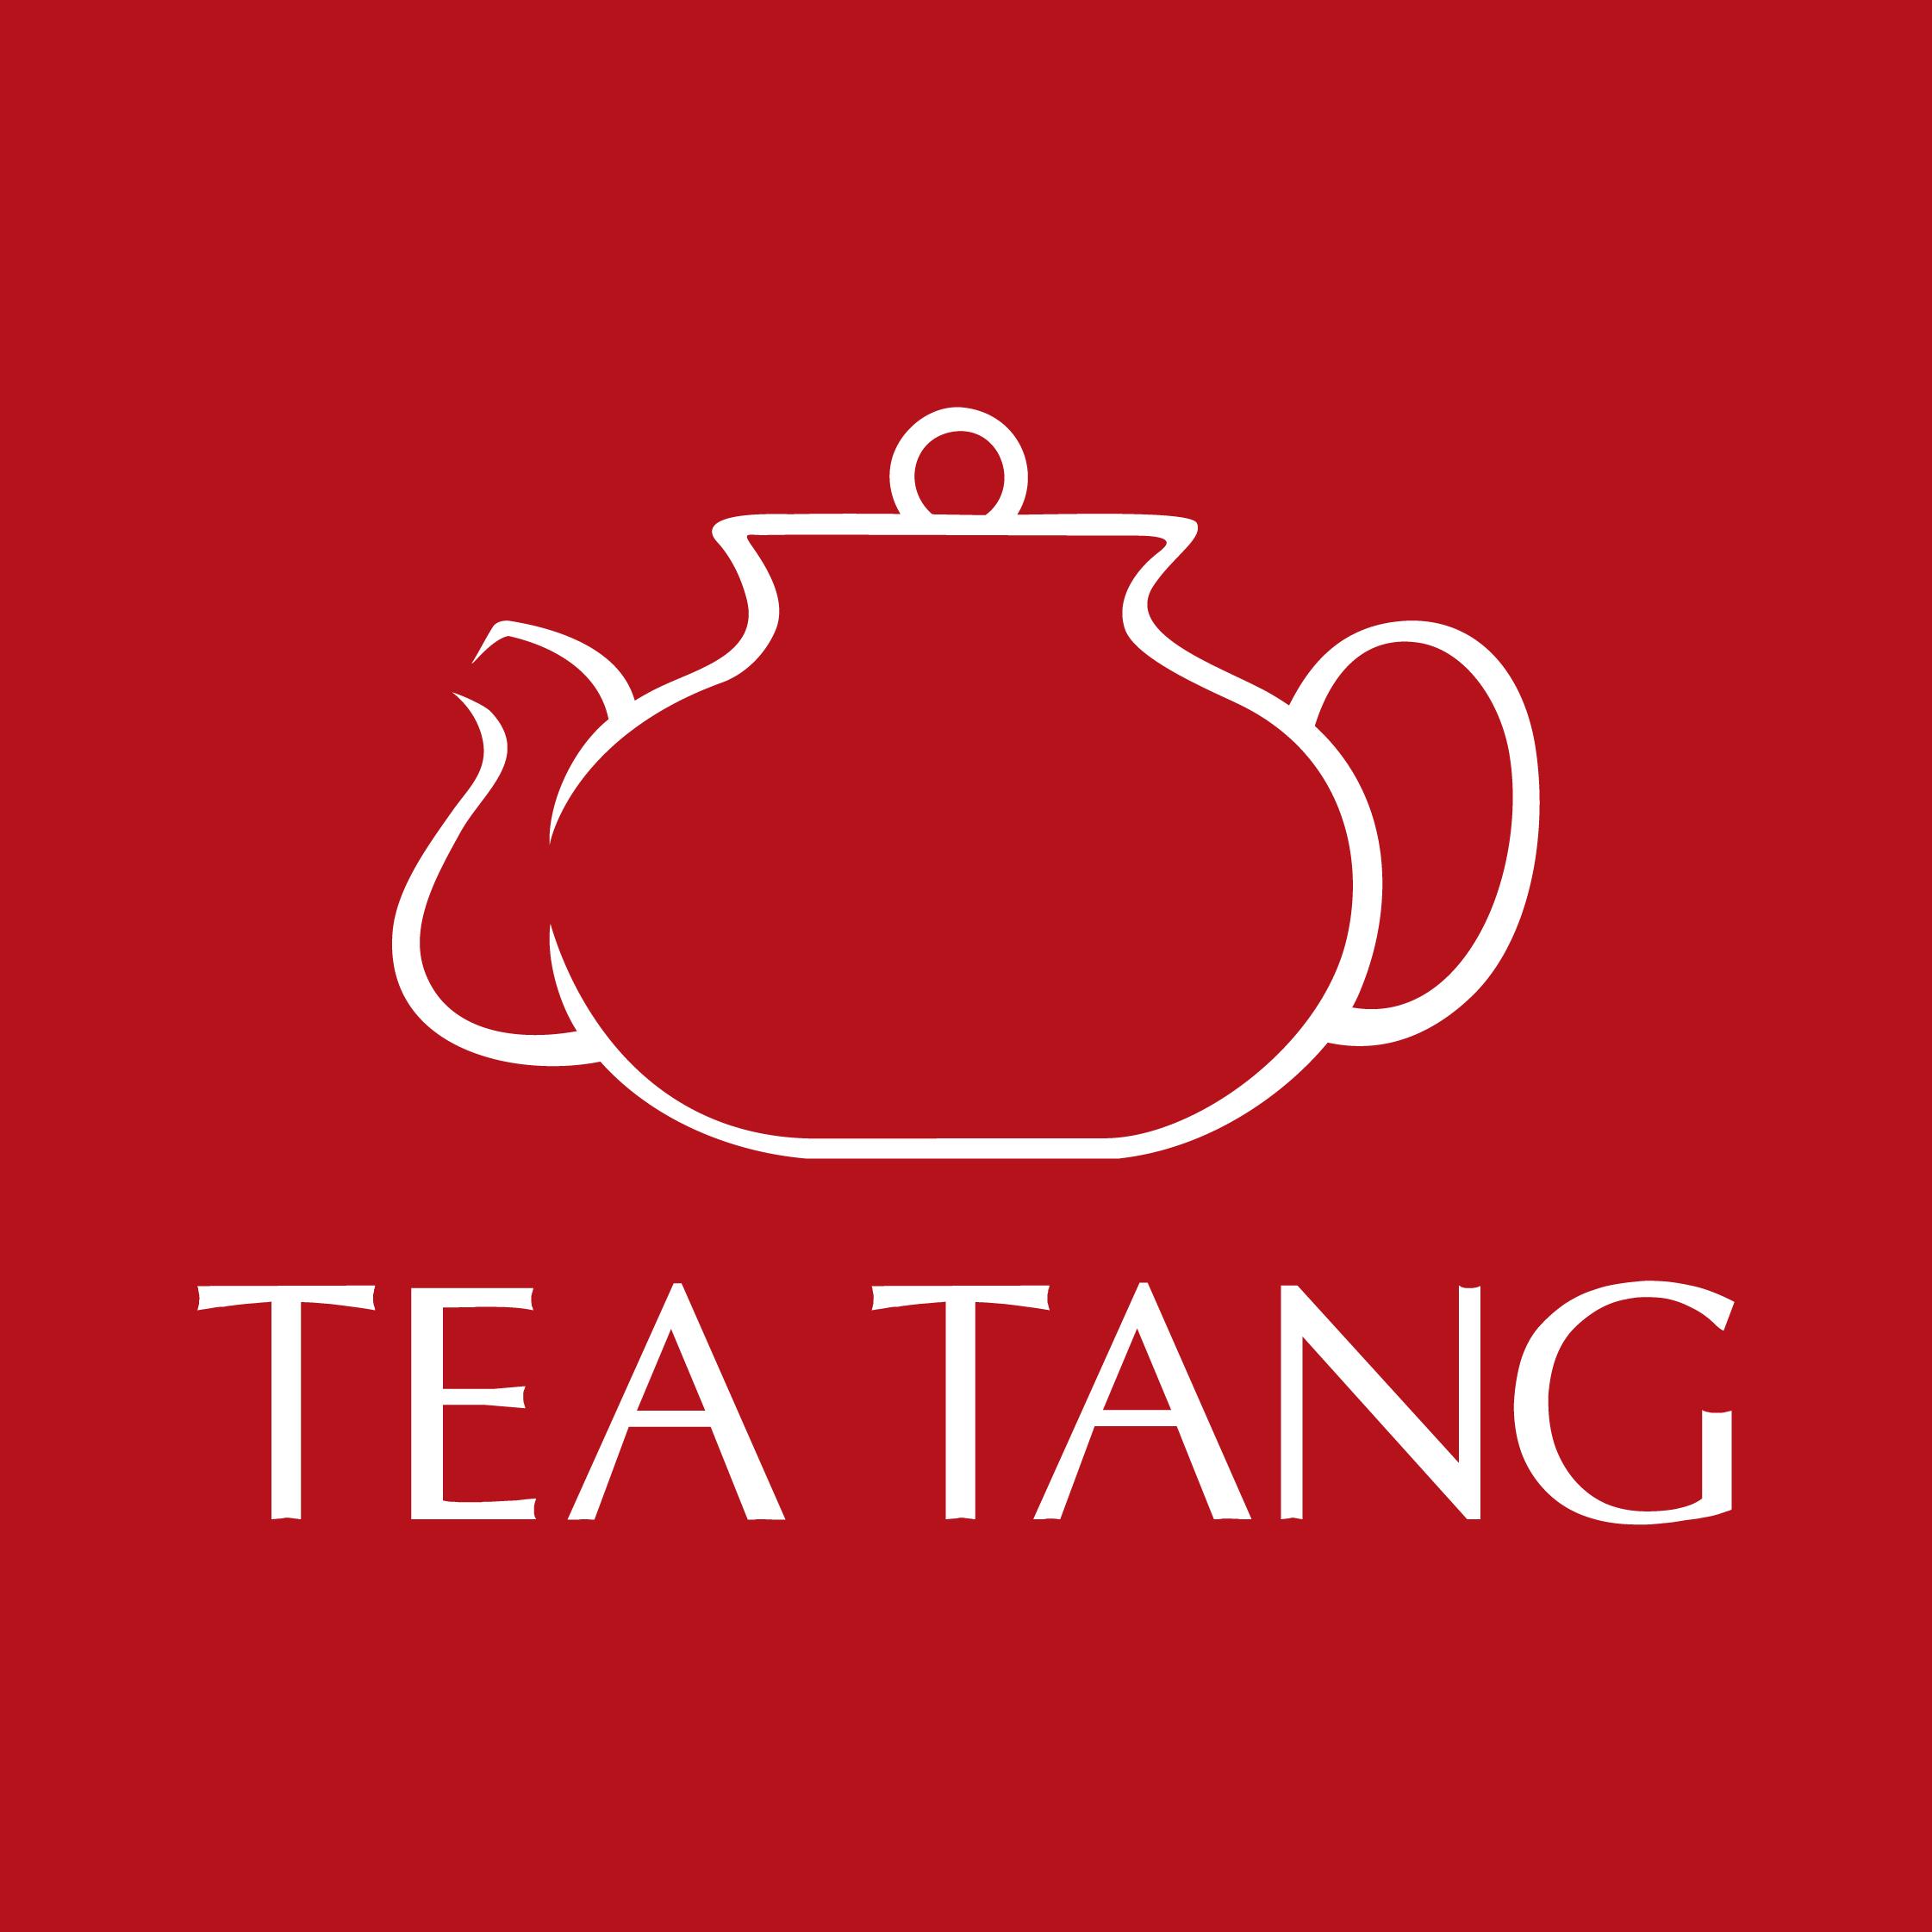 TEA TANG (PVT) LTD